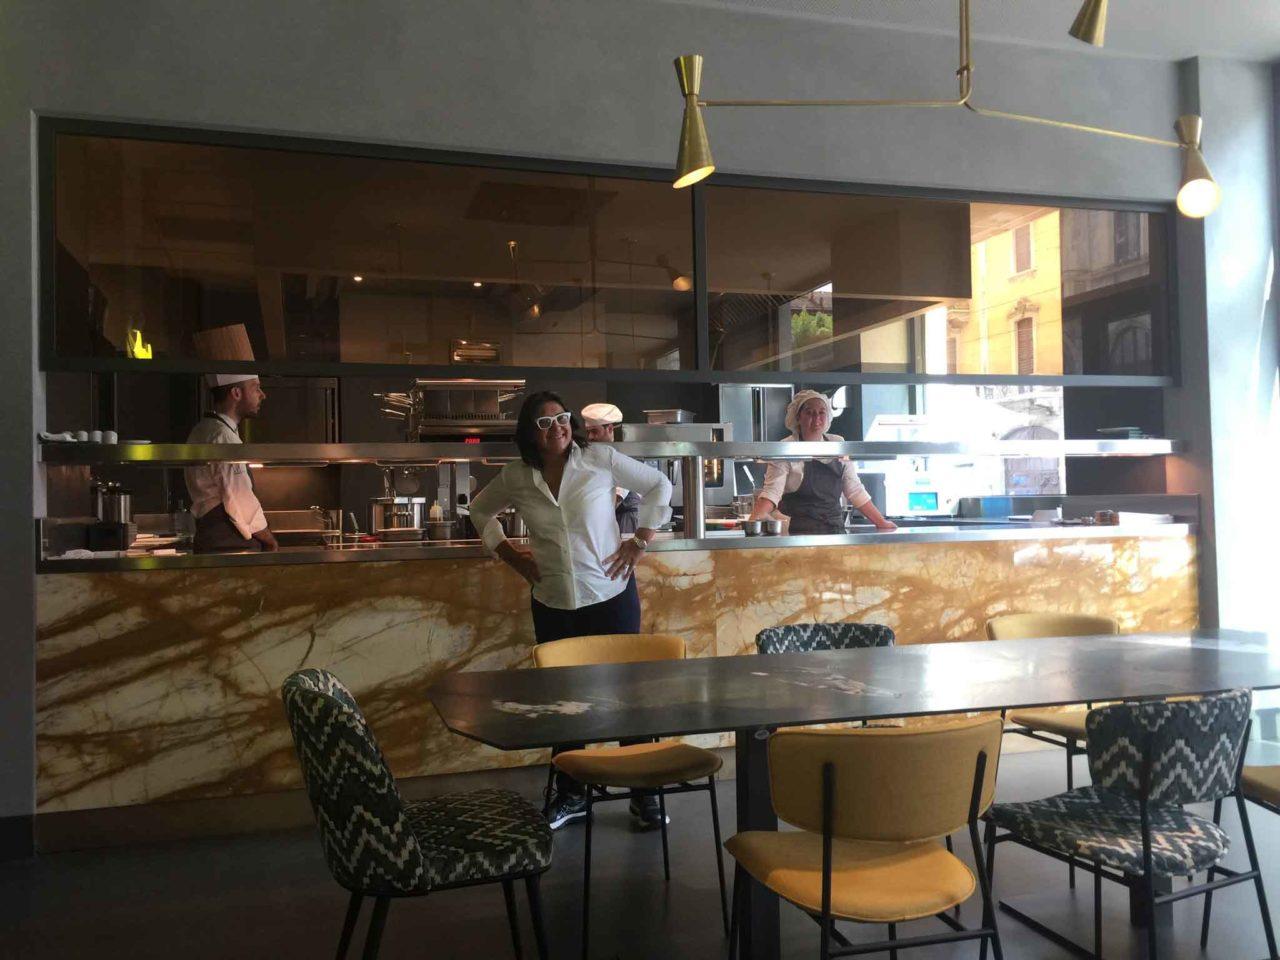 142 restaurant sandra ciciriello cucina chef